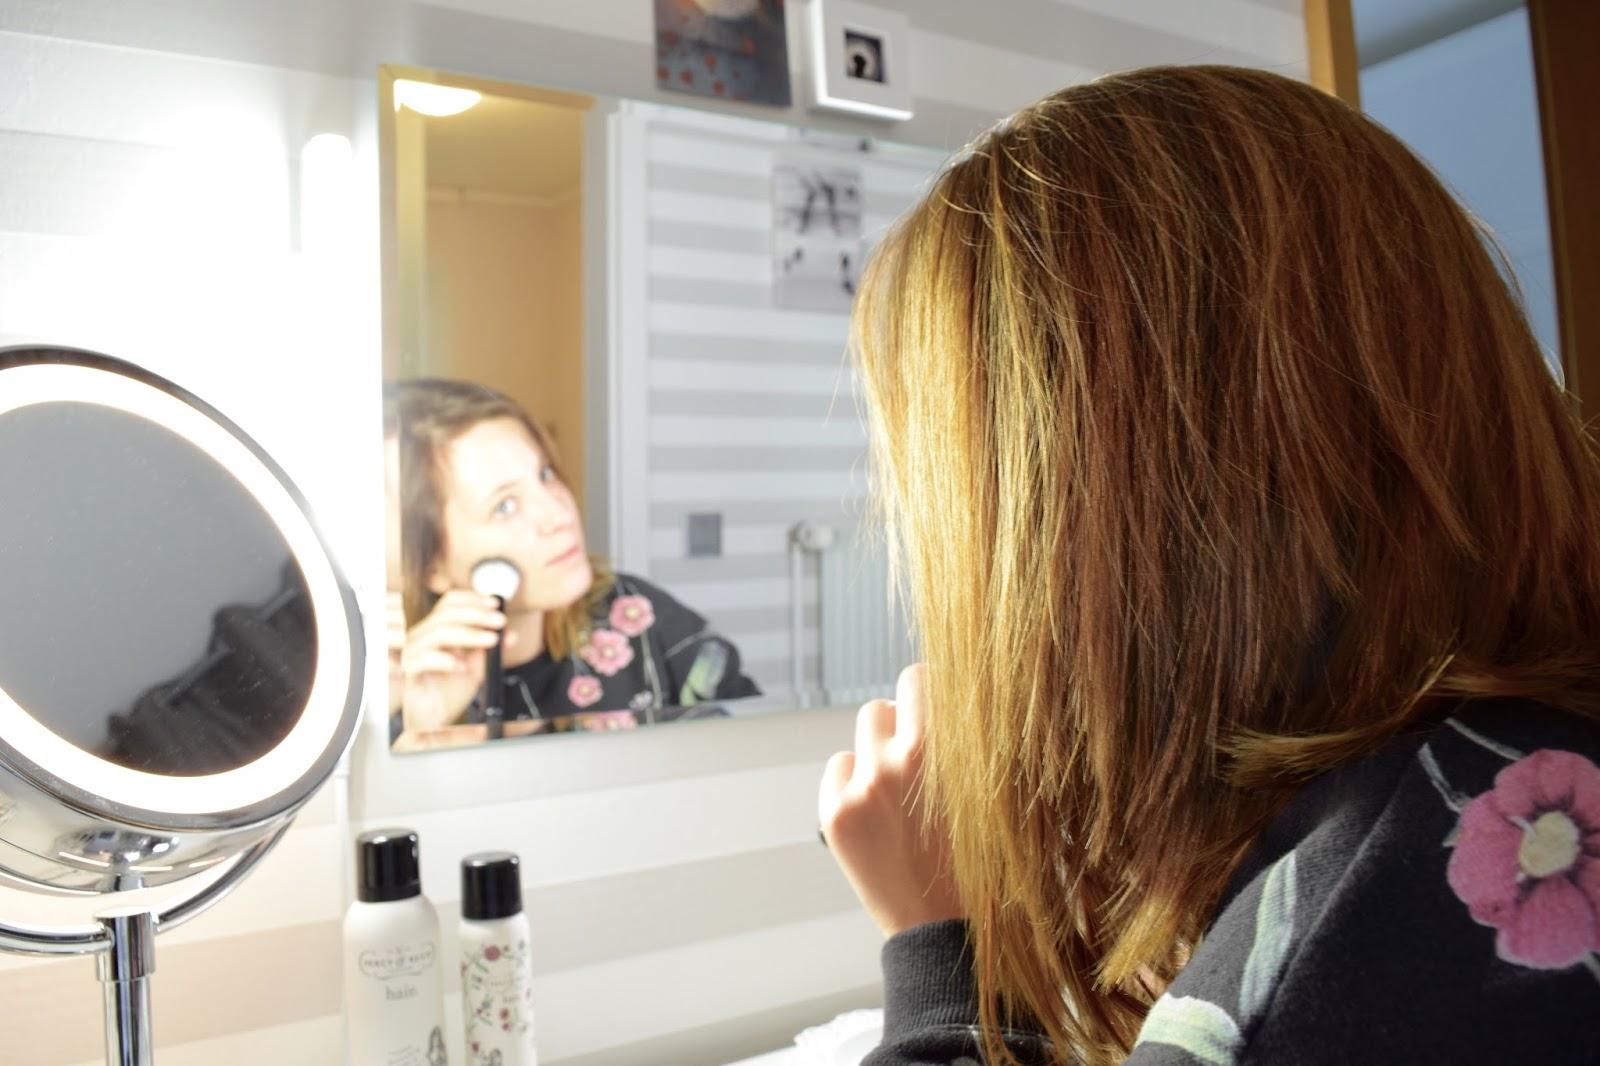 Zimtzebra das richtige licht f r meinen schminktisch - Schminktisch spiegel beleuchtet ...